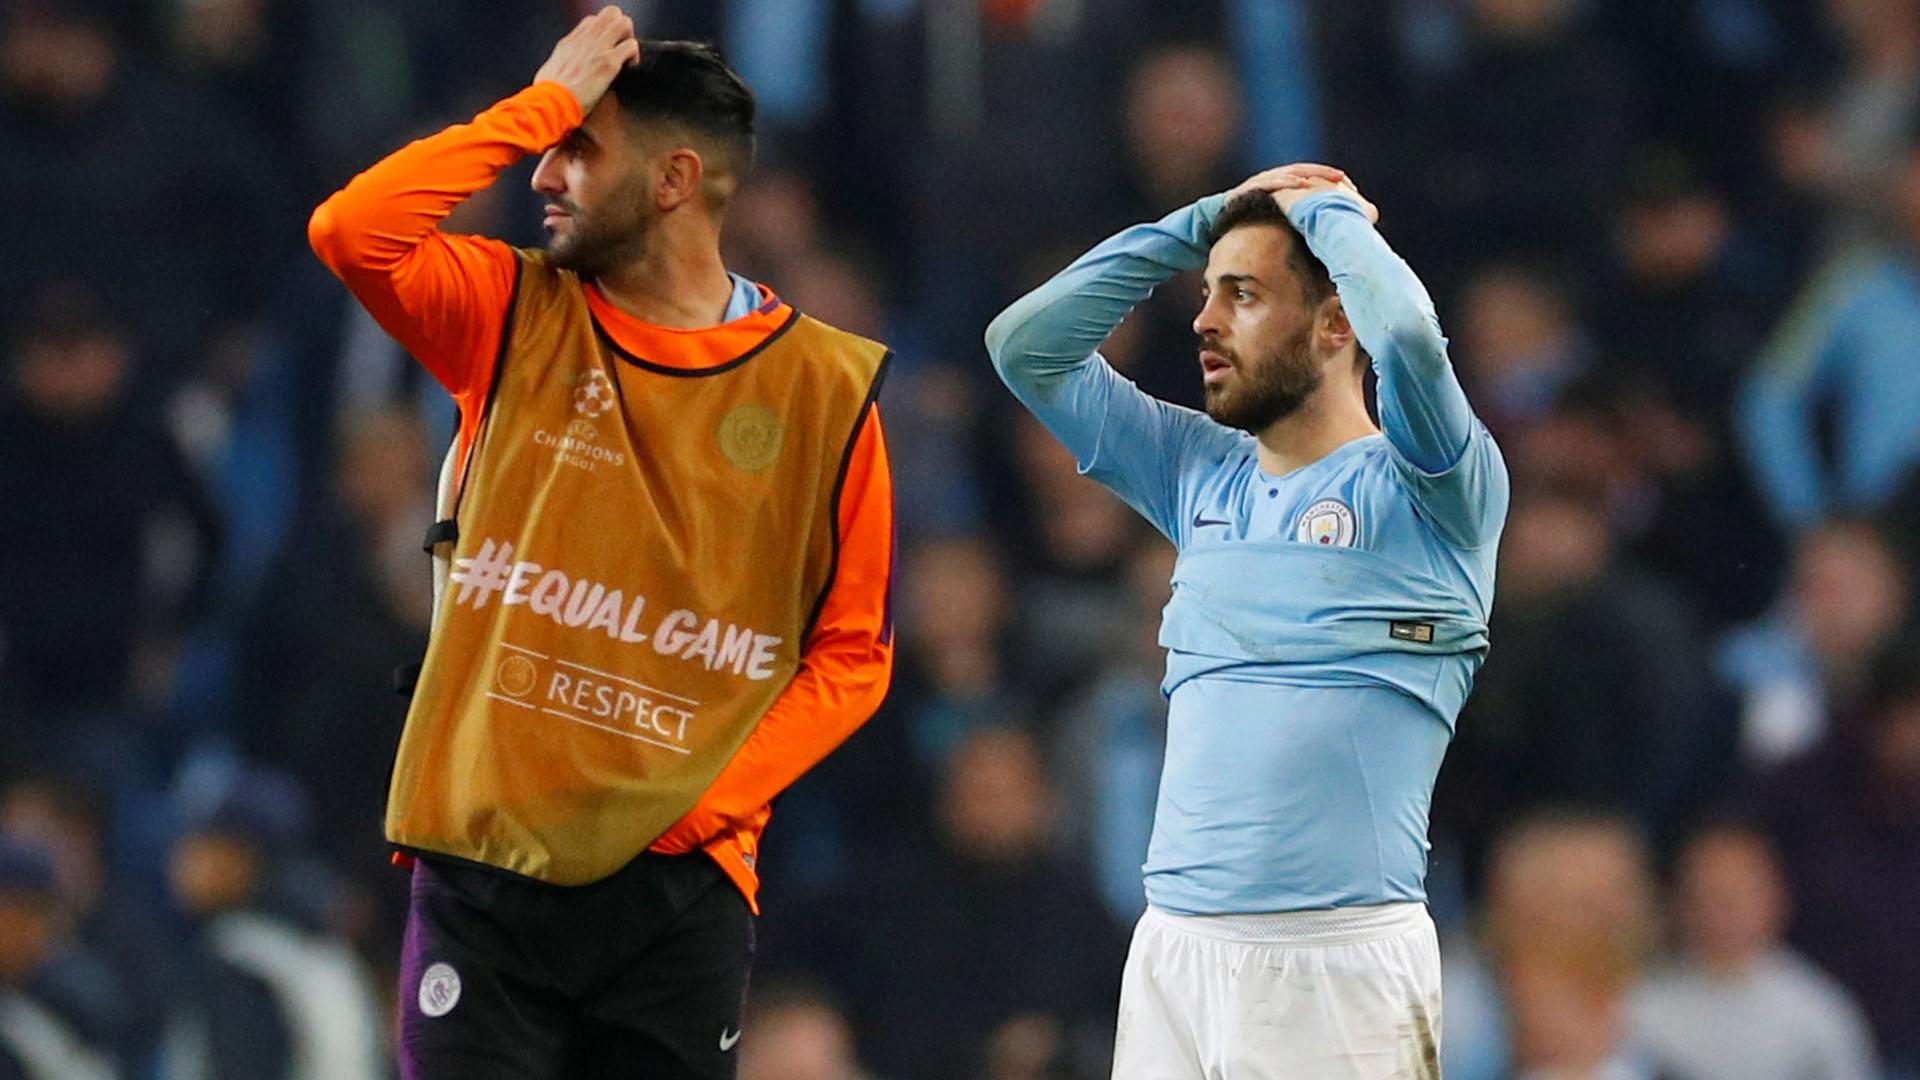 El Manchester City es investigado por la UEFA por irregularidades financieras(REUTERS/Phil Noble)